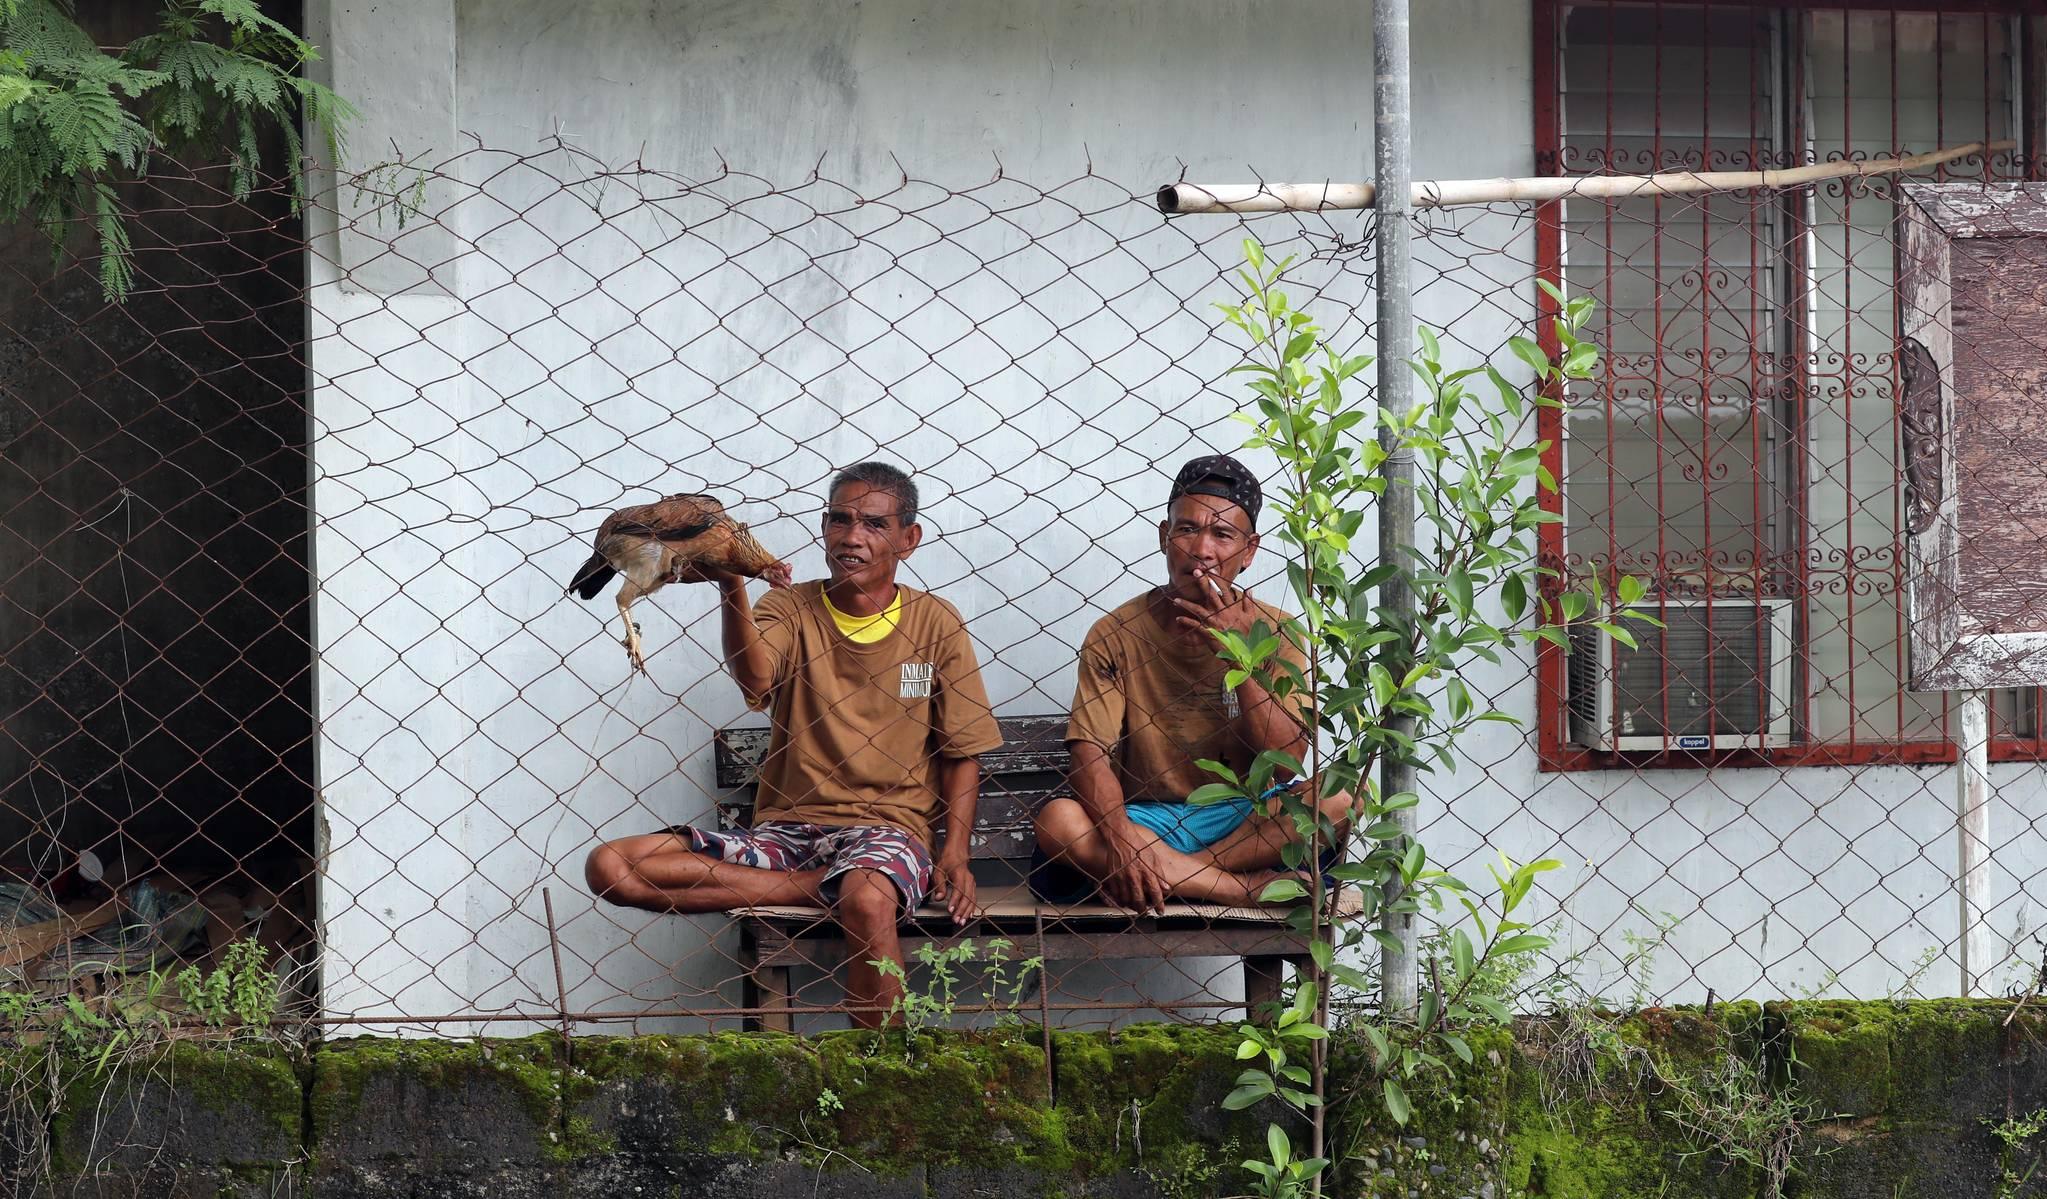 한 죄수가 팔라완 이와힉 개방형 교도소에서 자신이 키우는 닭을 보여주고 있다. 변선구 기자